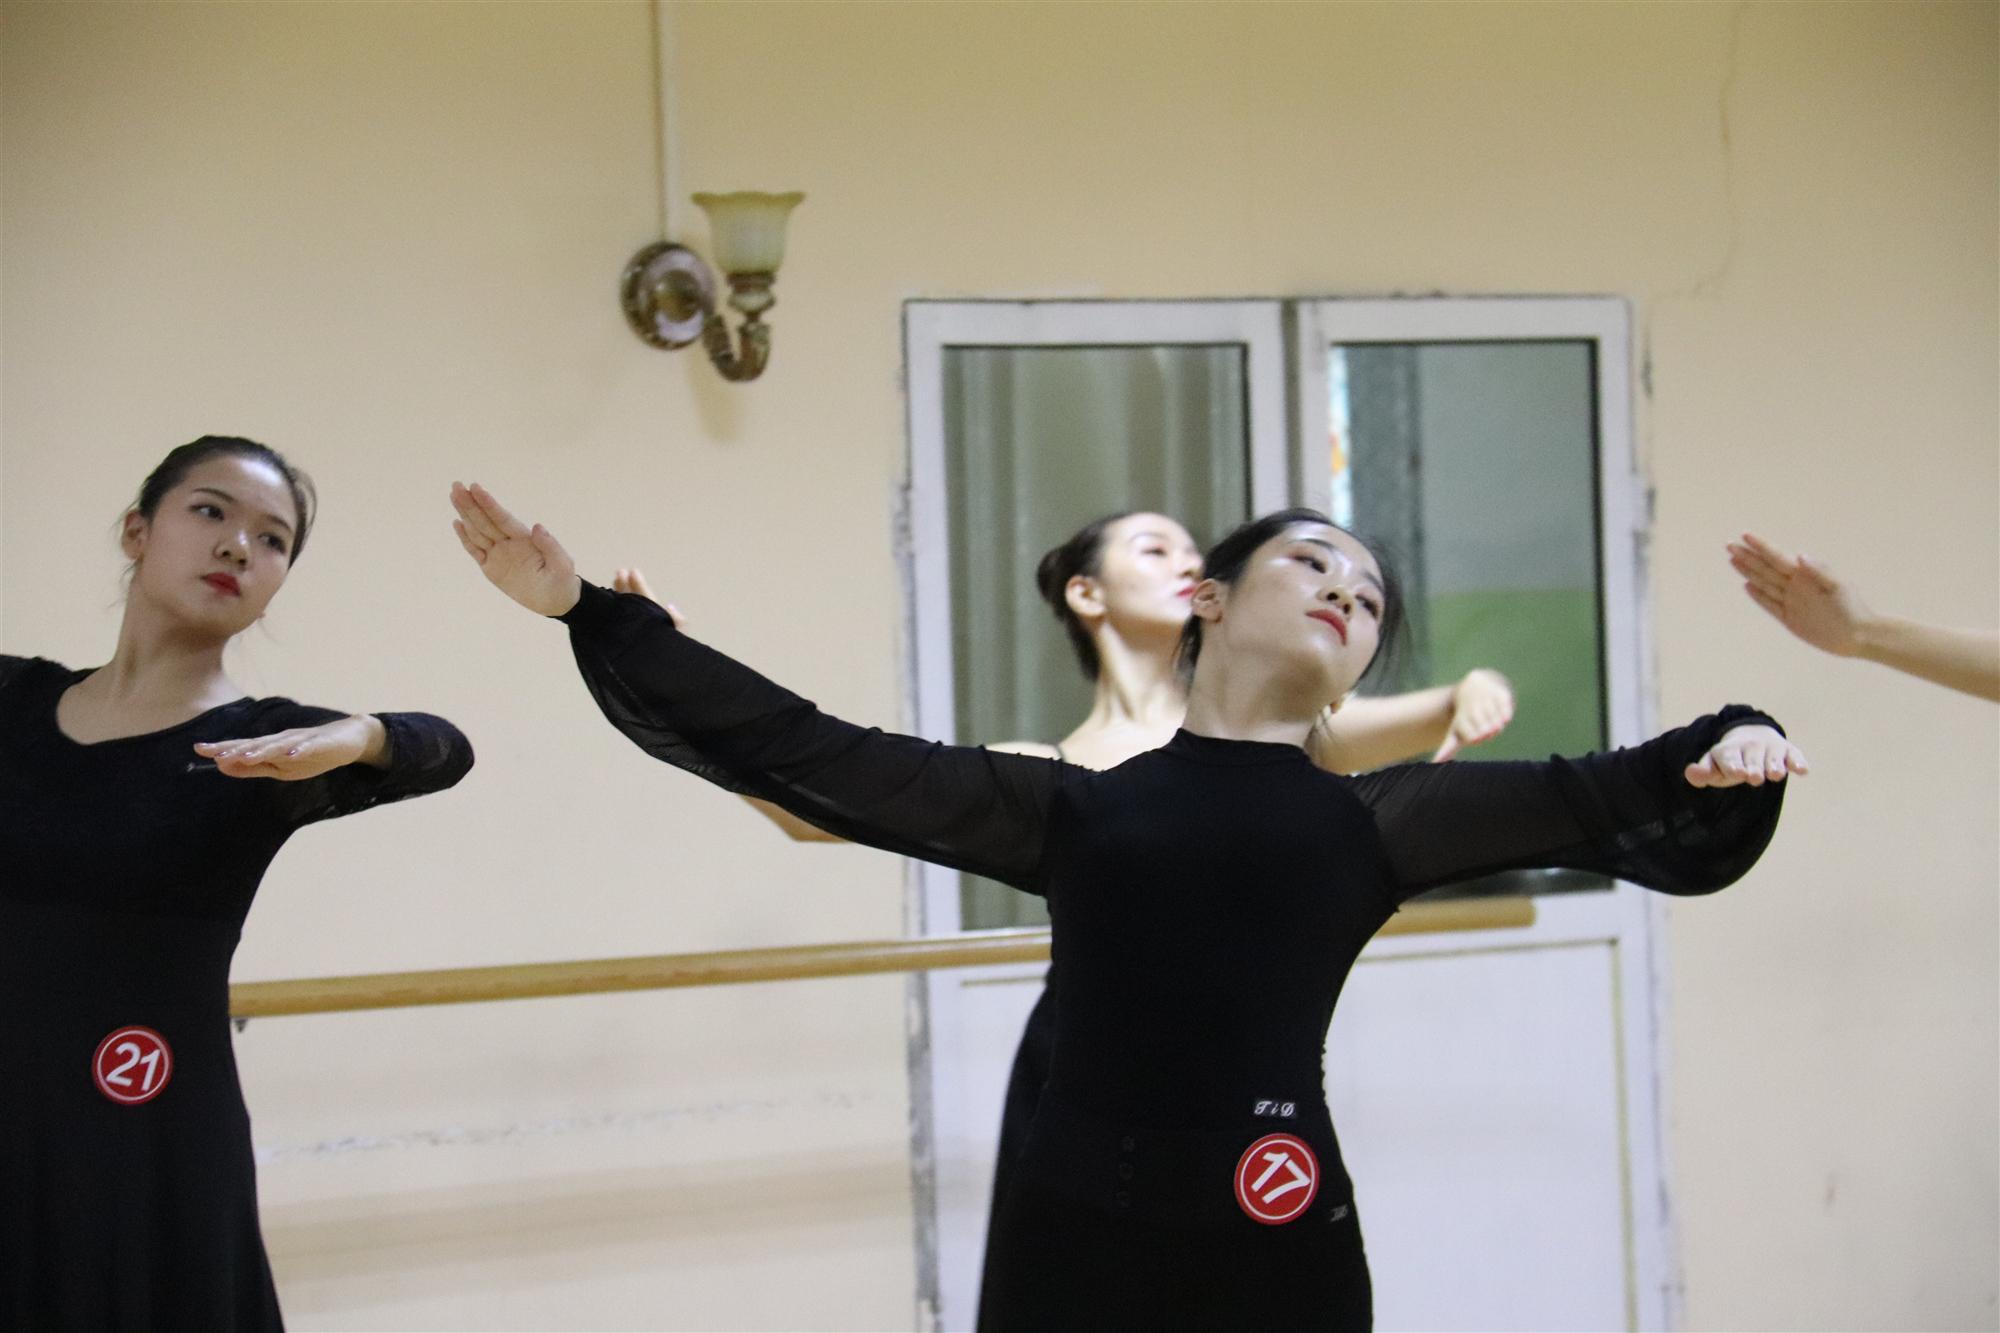 千赢体育app官方下载千赢体育官方网站:送你11条跳舞小技巧